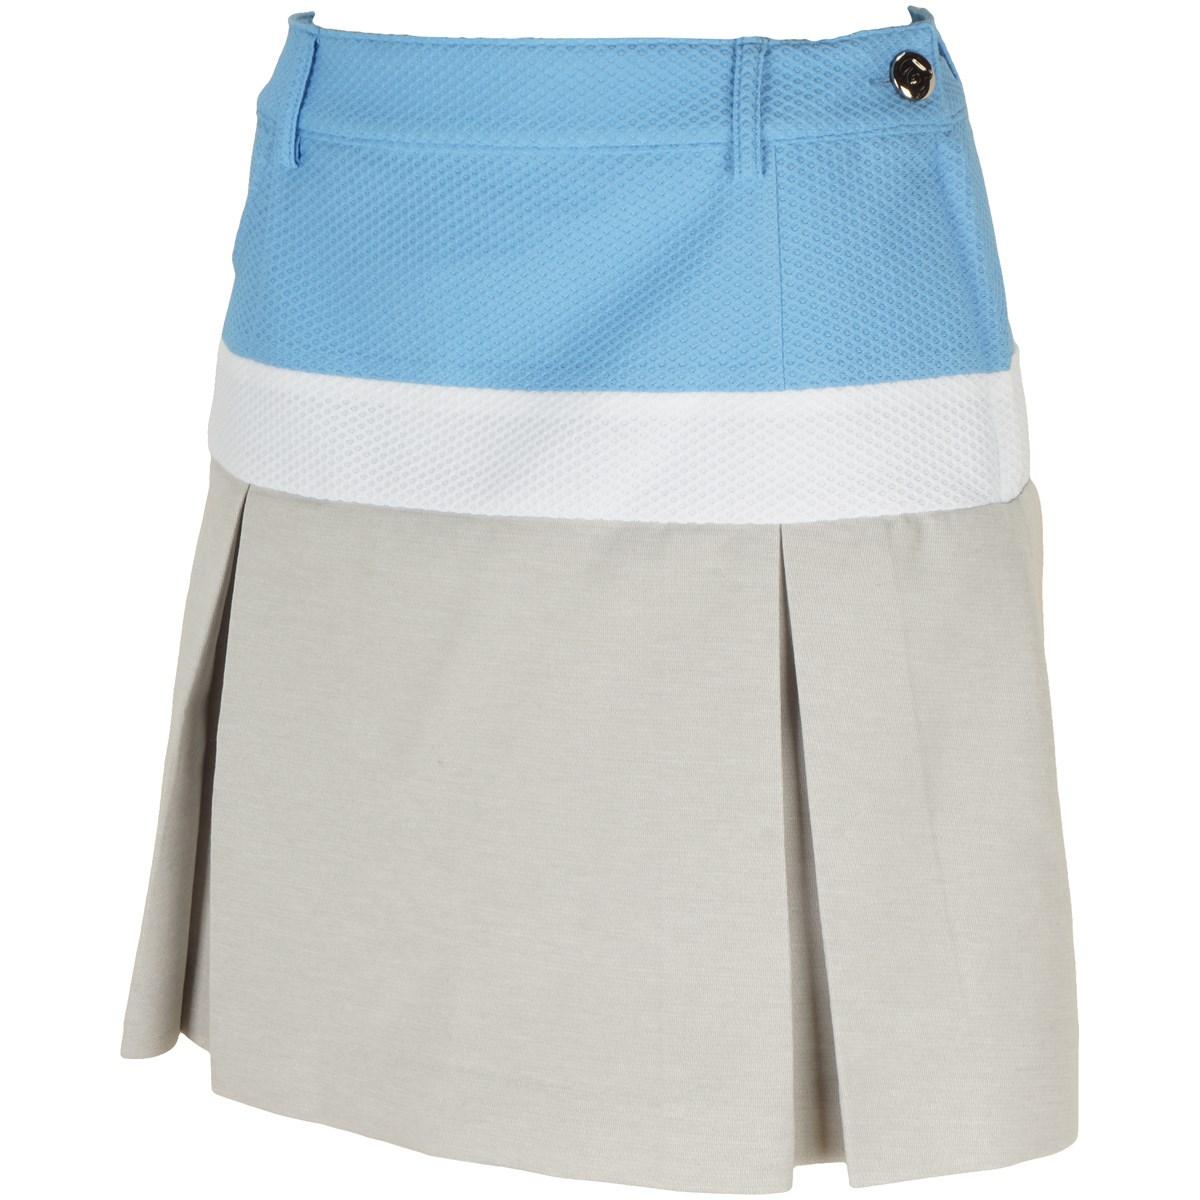 アルチビオ archivio スカート 40 ブルー レディス